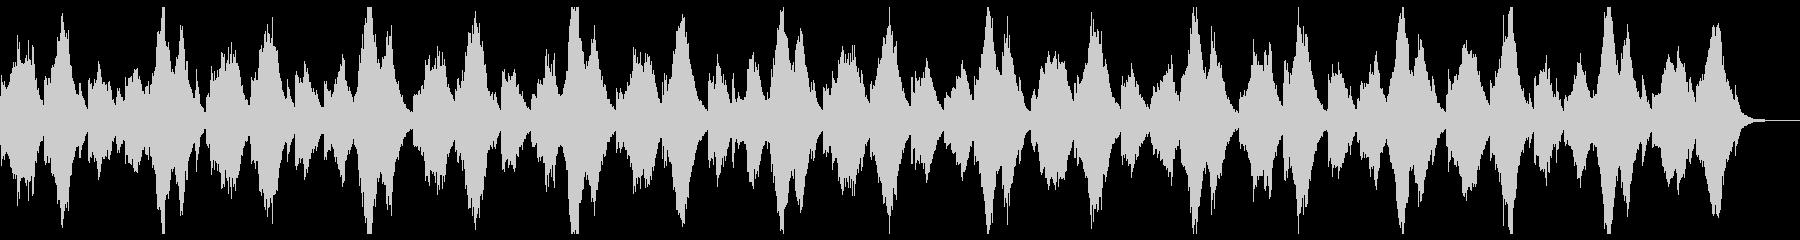 ピアノとシンセによる静かな曲の未再生の波形